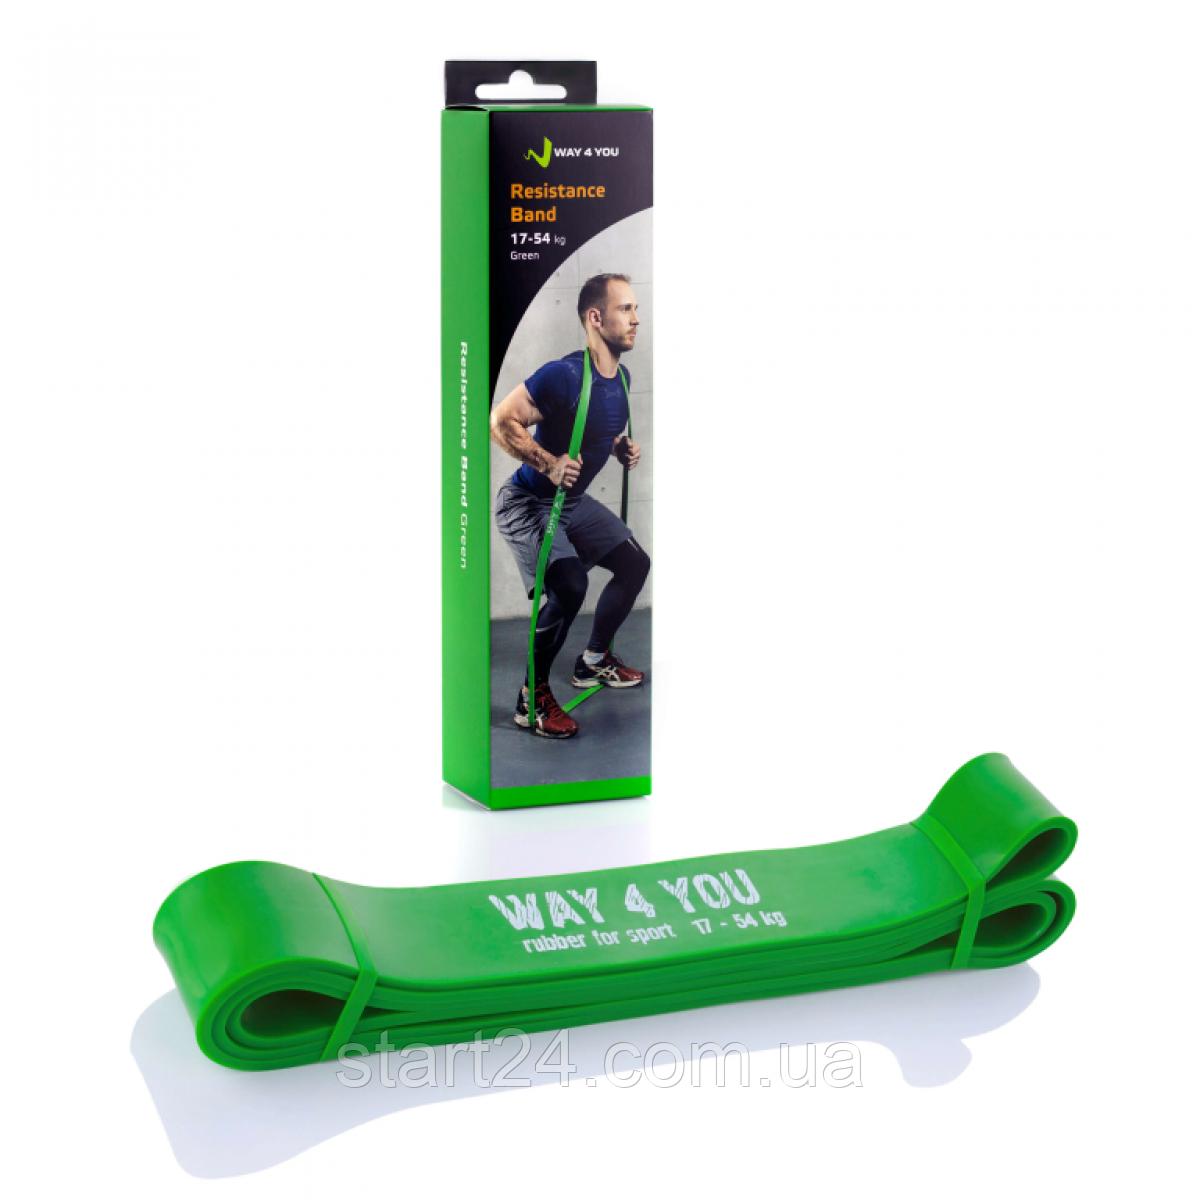 Резинка для подтягивания WAY 4 YOU  11 - 36 кг. (зеленая)